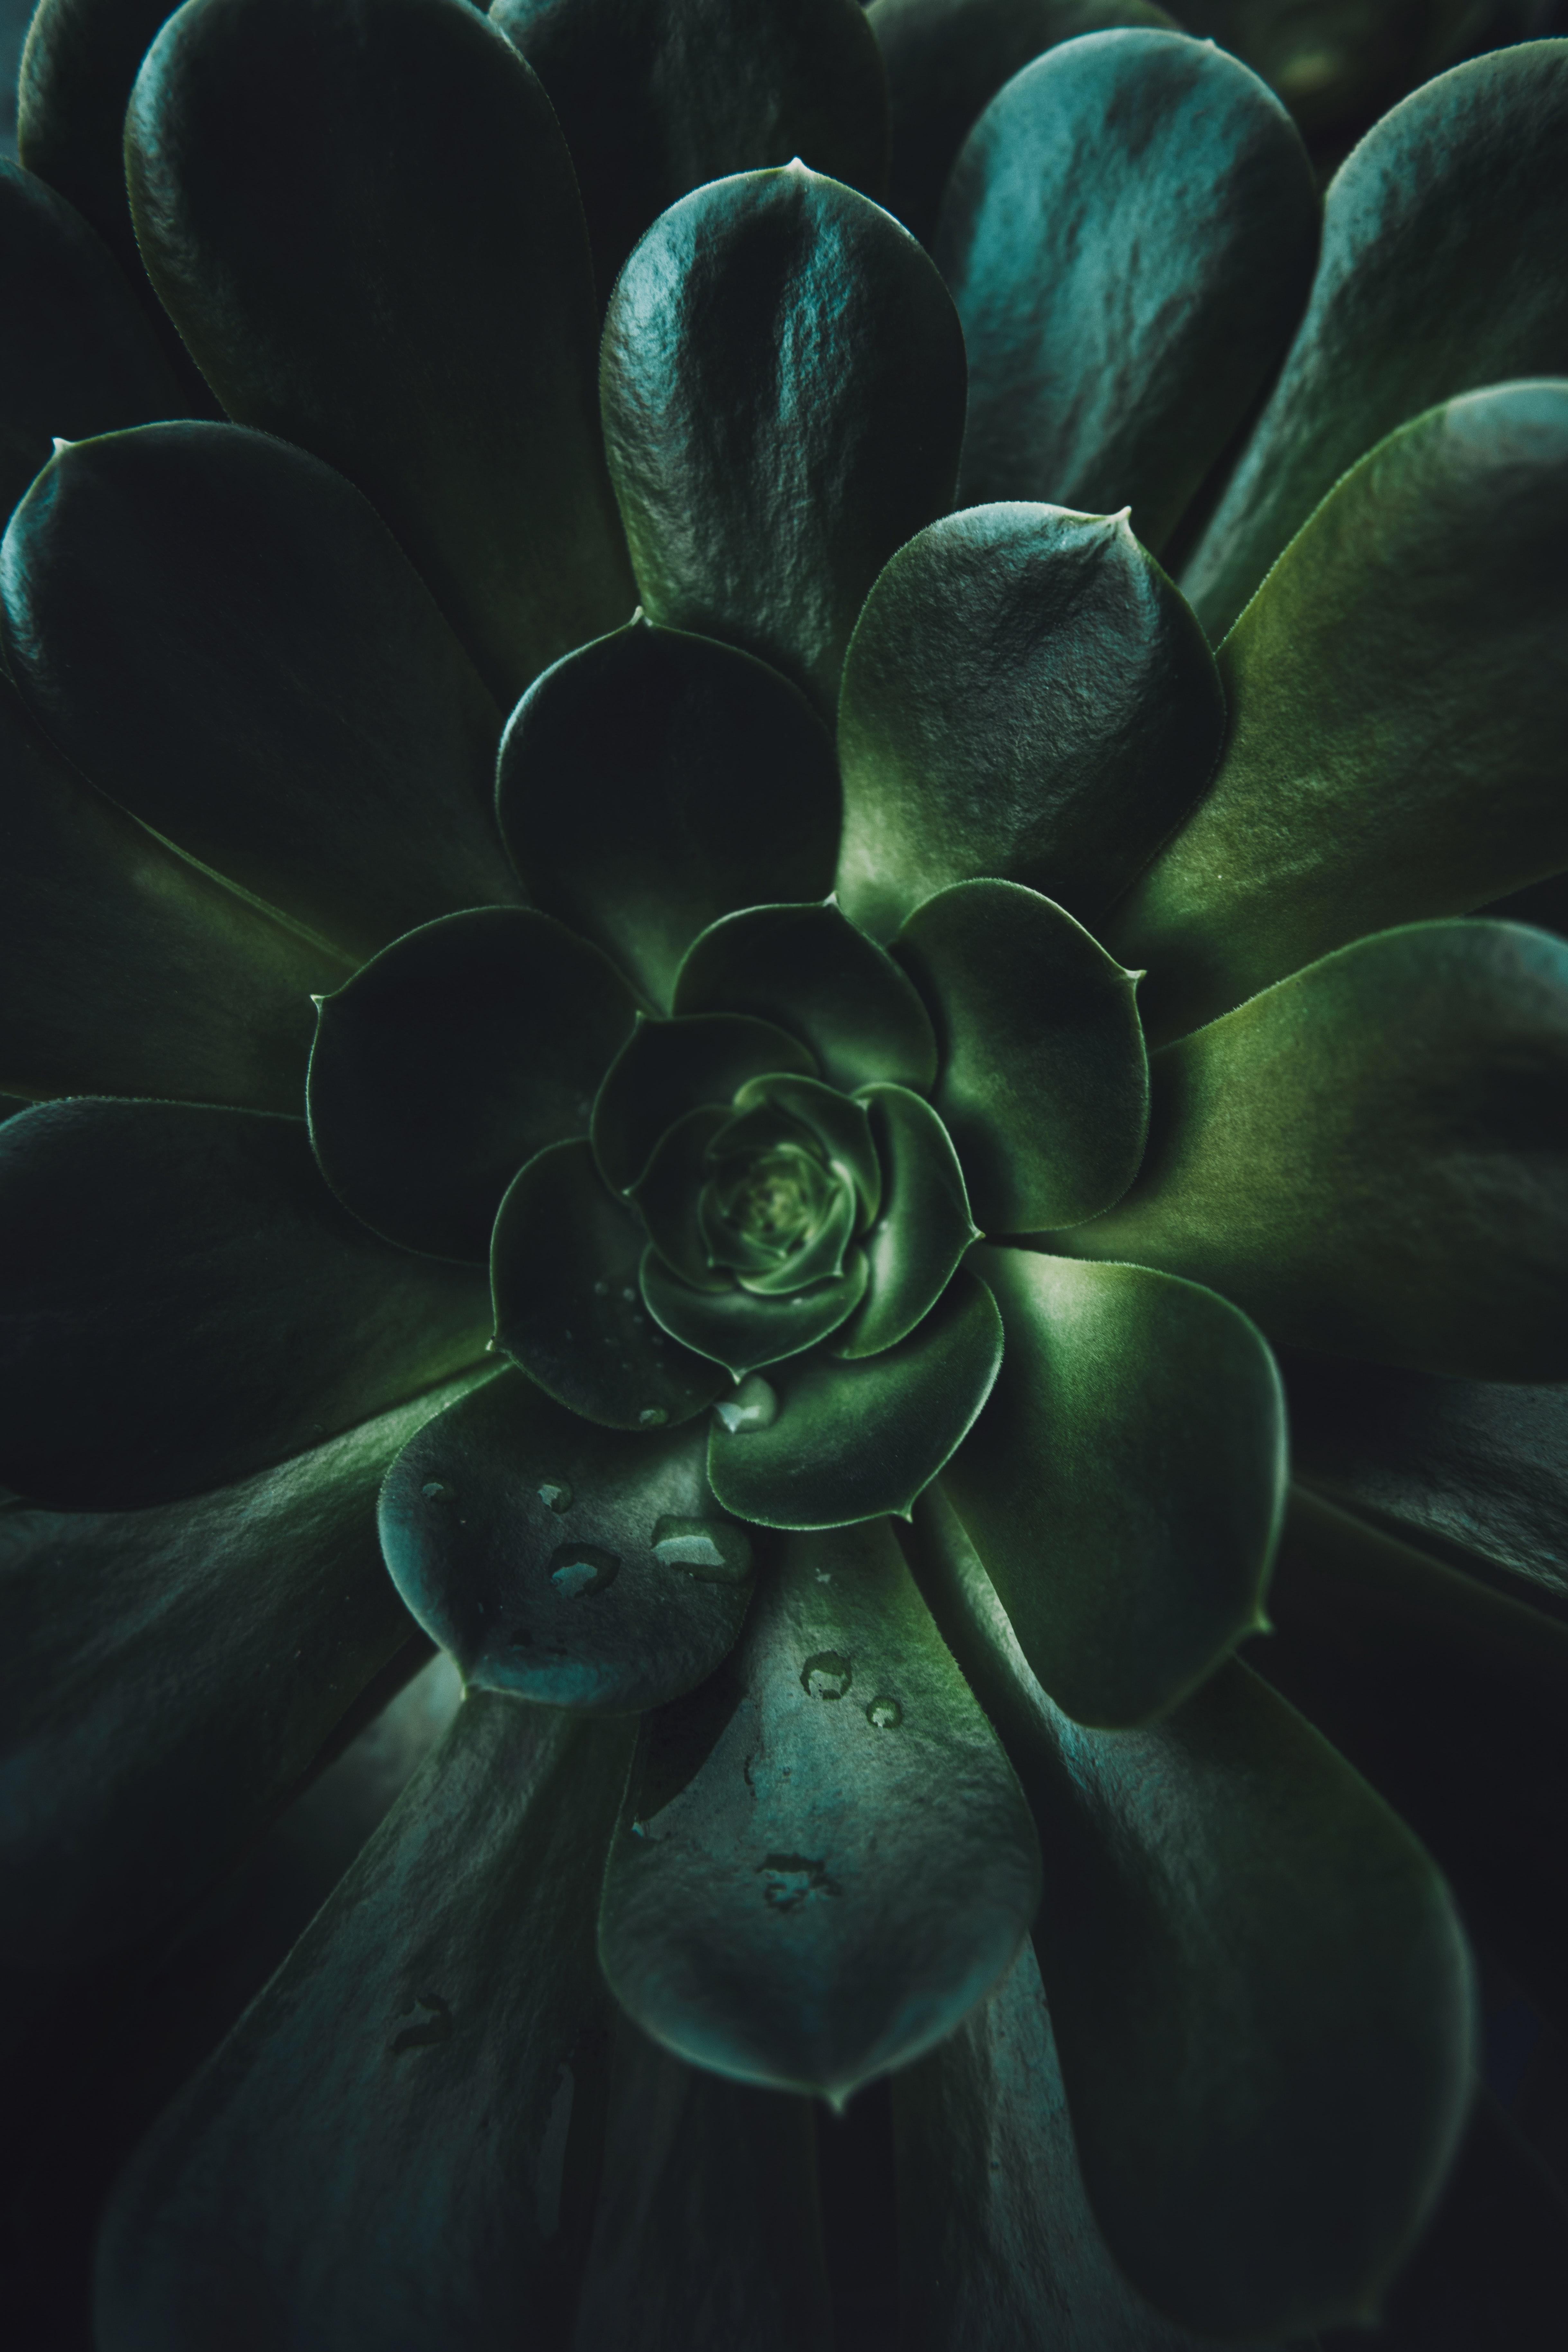 104643 скачать обои Листья, Растение, Макро, Зеленый, Суккулент - заставки и картинки бесплатно